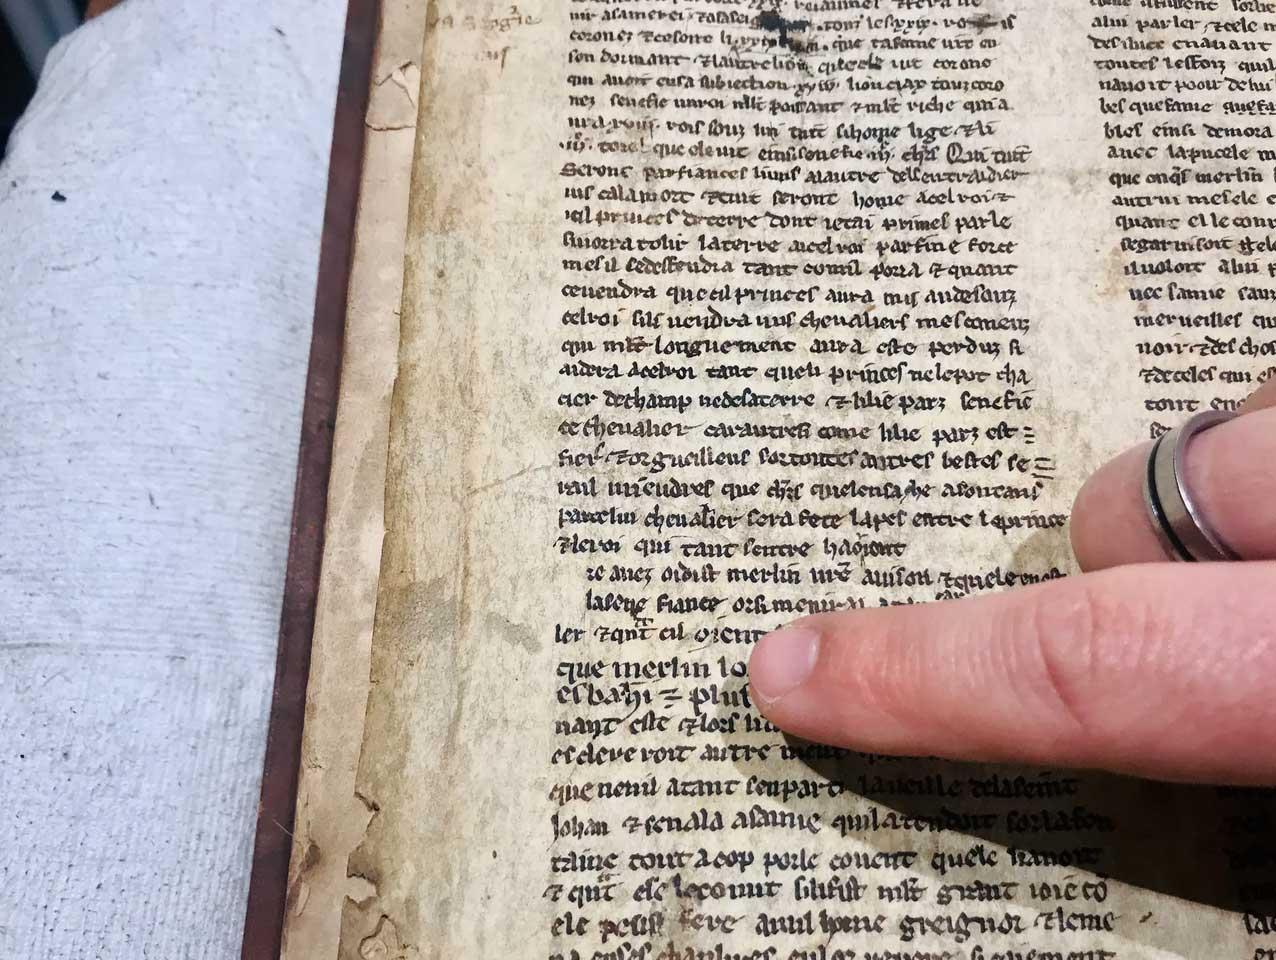 Encuentran unos cuentos medievales sobre el mago Merlín y el Rey Arturo que podrían alterar la leyenda